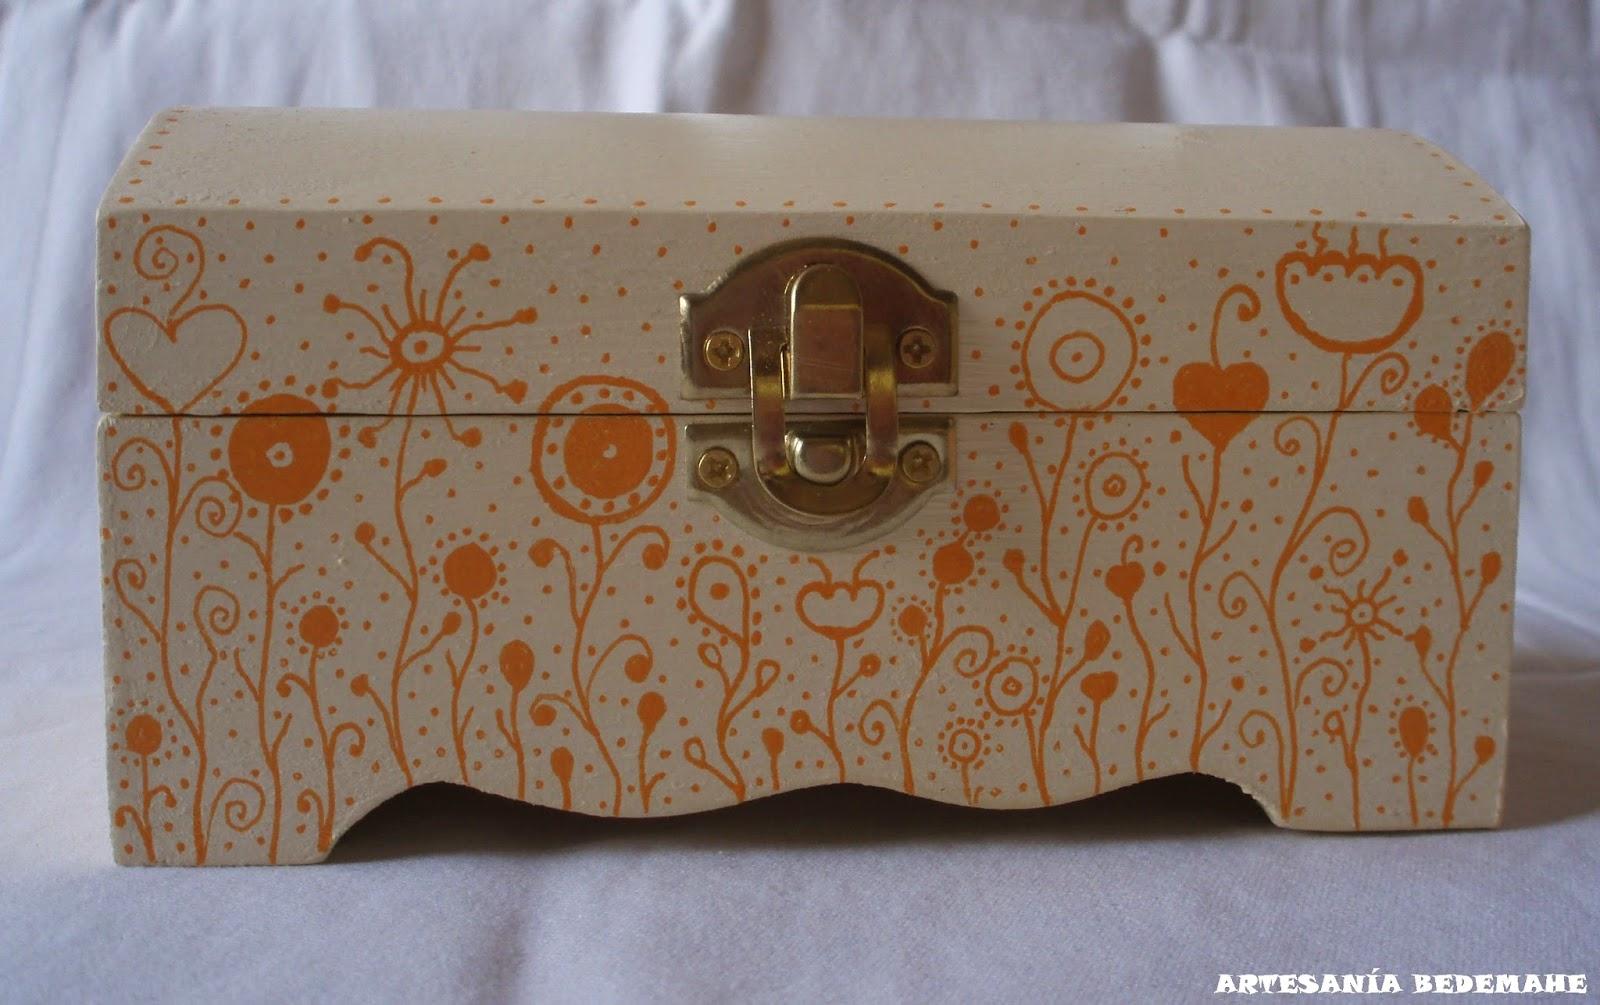 Artesania bedemahe ba les de madera modelo flores neptunianas - Baules pintados a mano ...